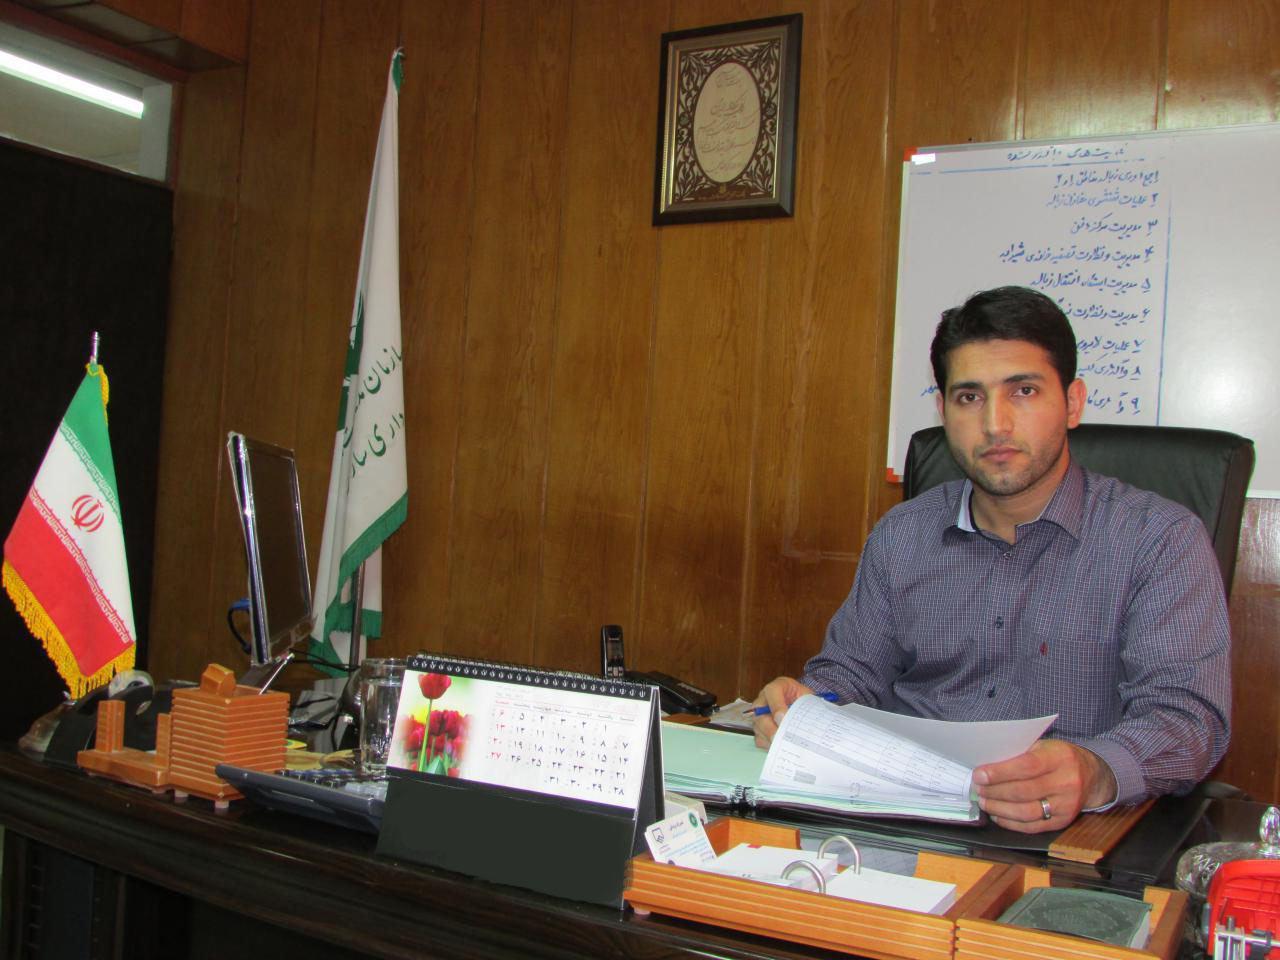 ارائه بسته ی فرهنگی-آموزشی در کمپ های نوروزی مرکز استان